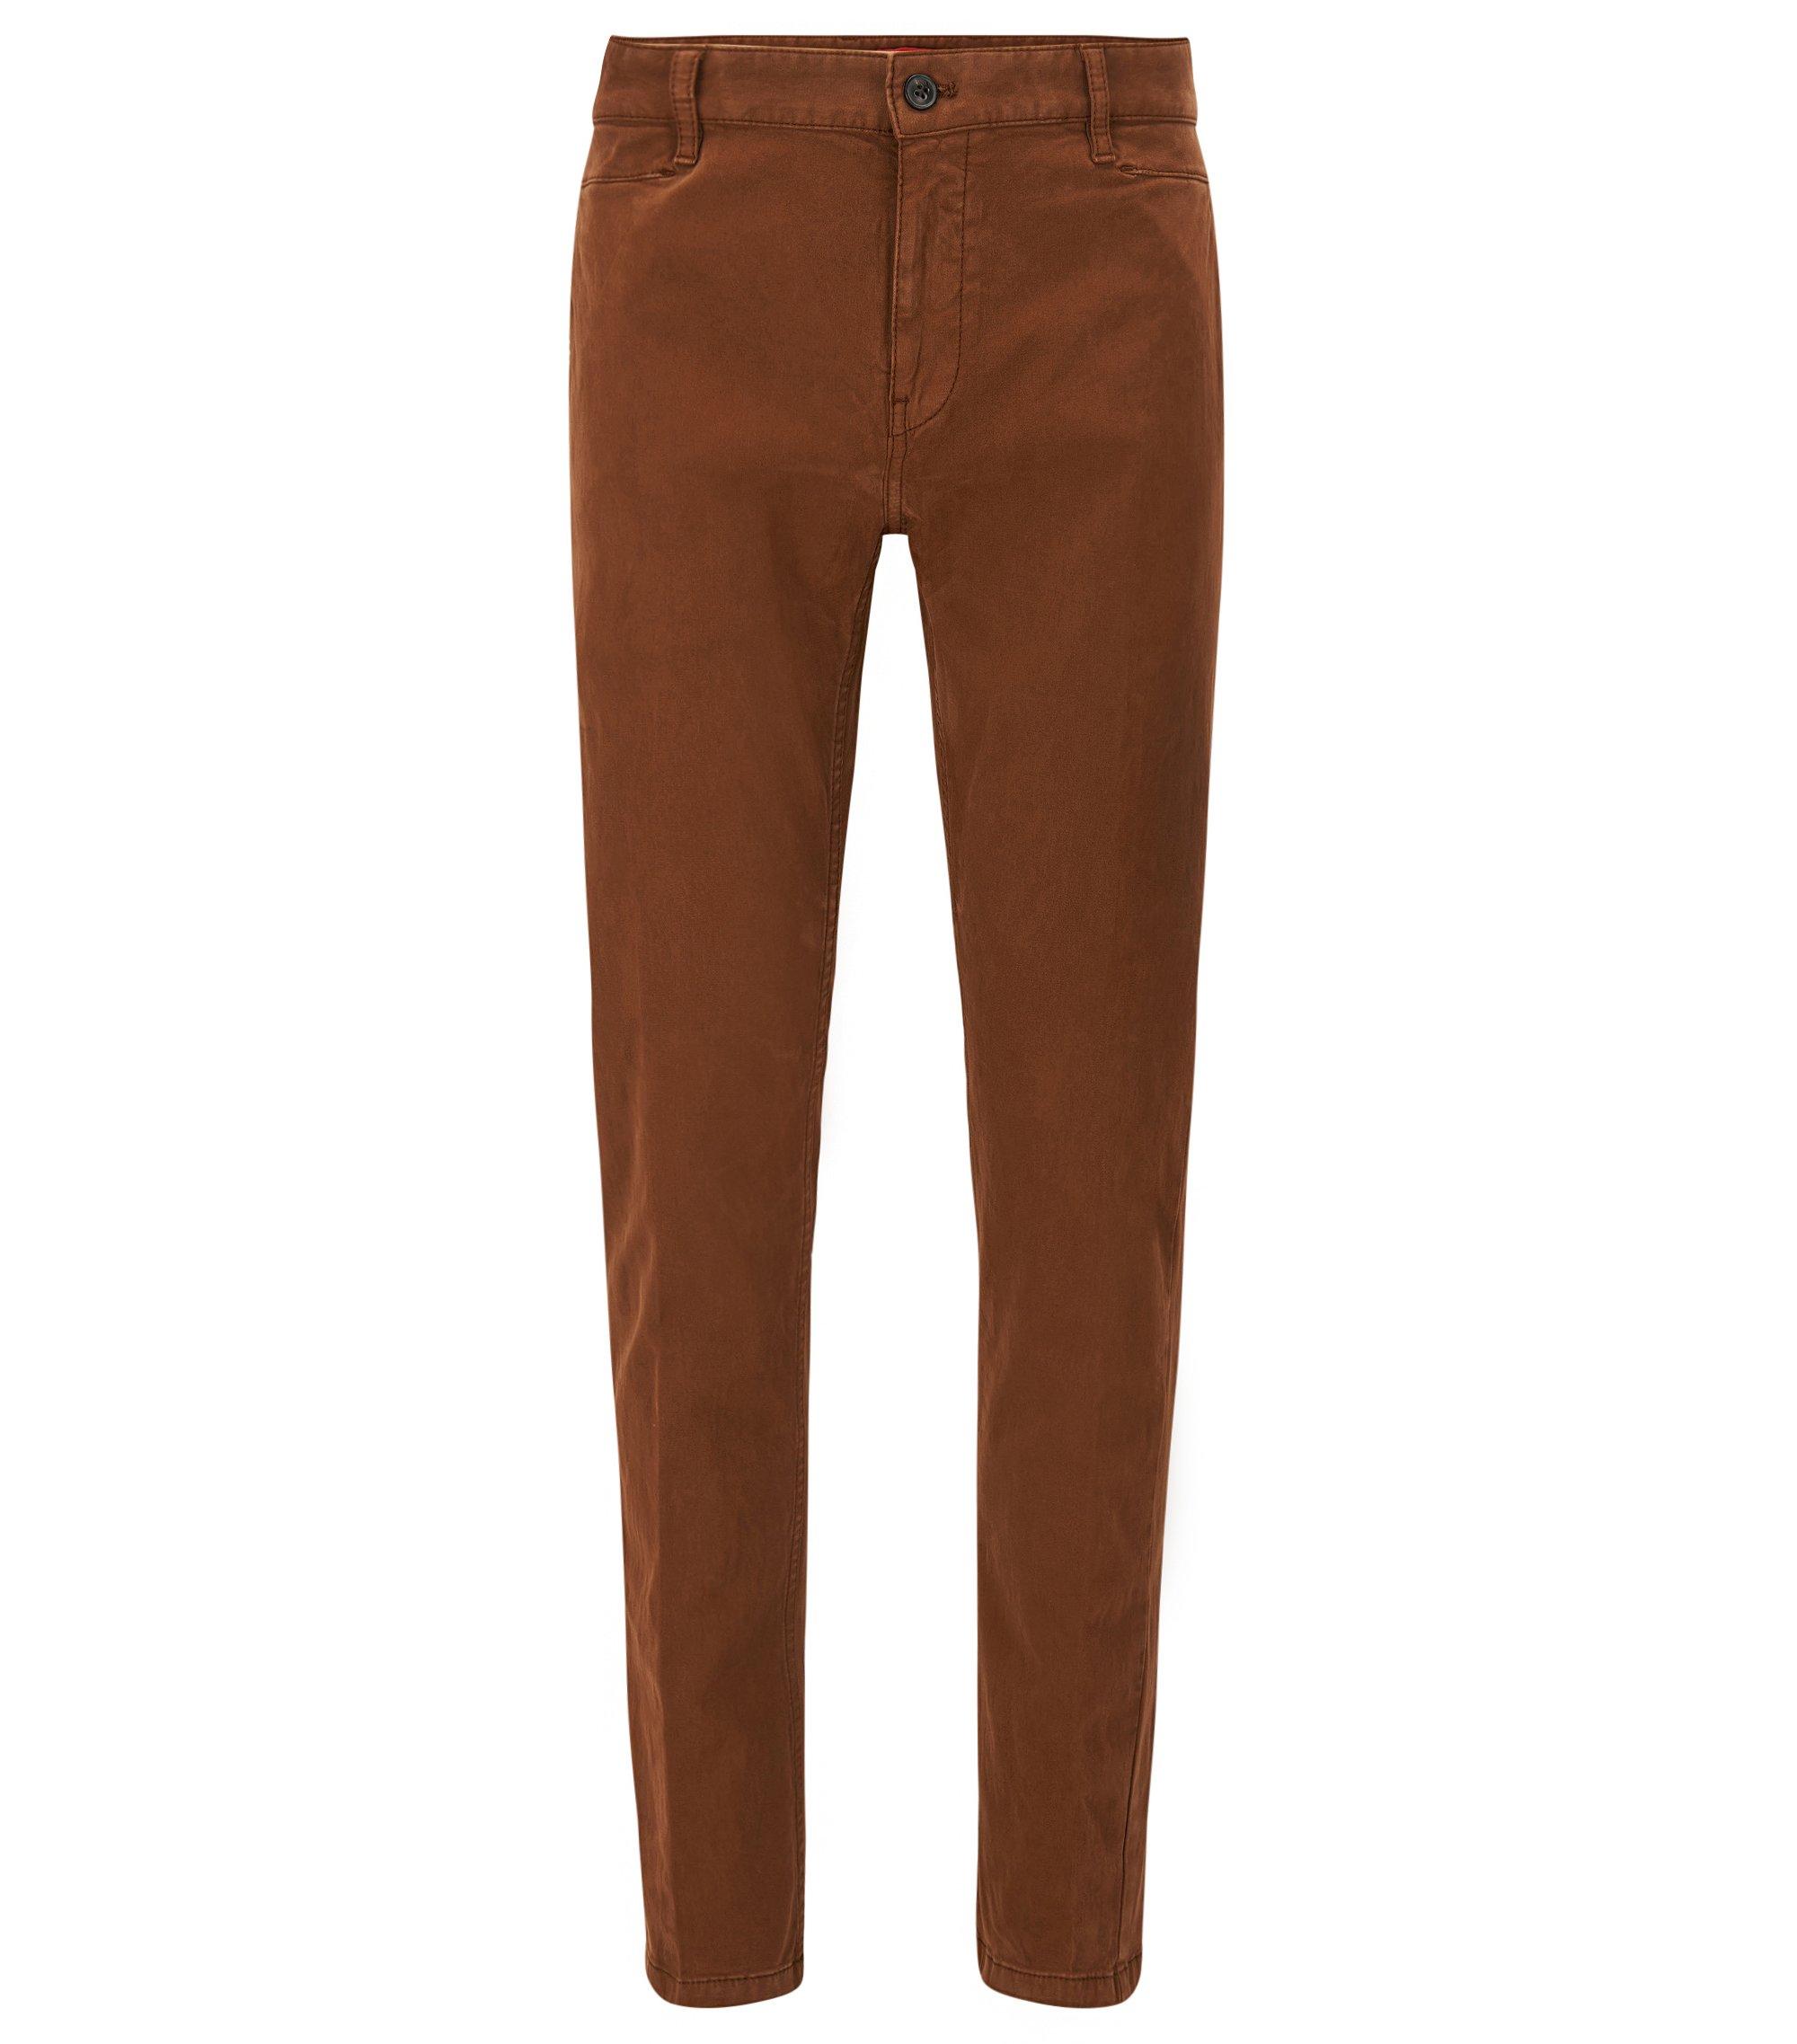 Pantalon Slim Fit en sergé brisé de coton stretch , Marron